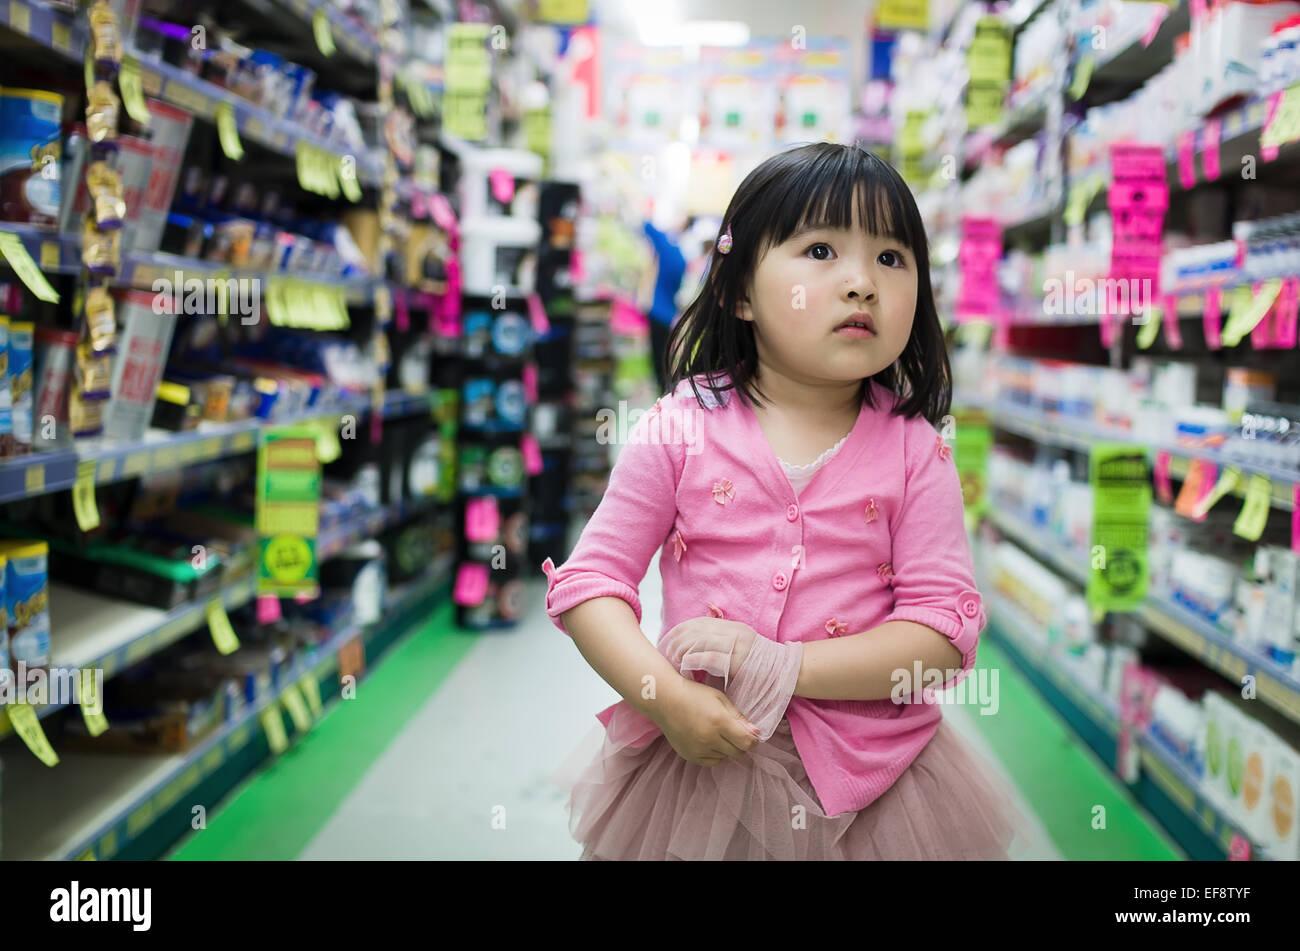 Vorderansicht des kleinen Mädchens allein zu Fuß zwischen den Ständen im Supermarkt Stockbild